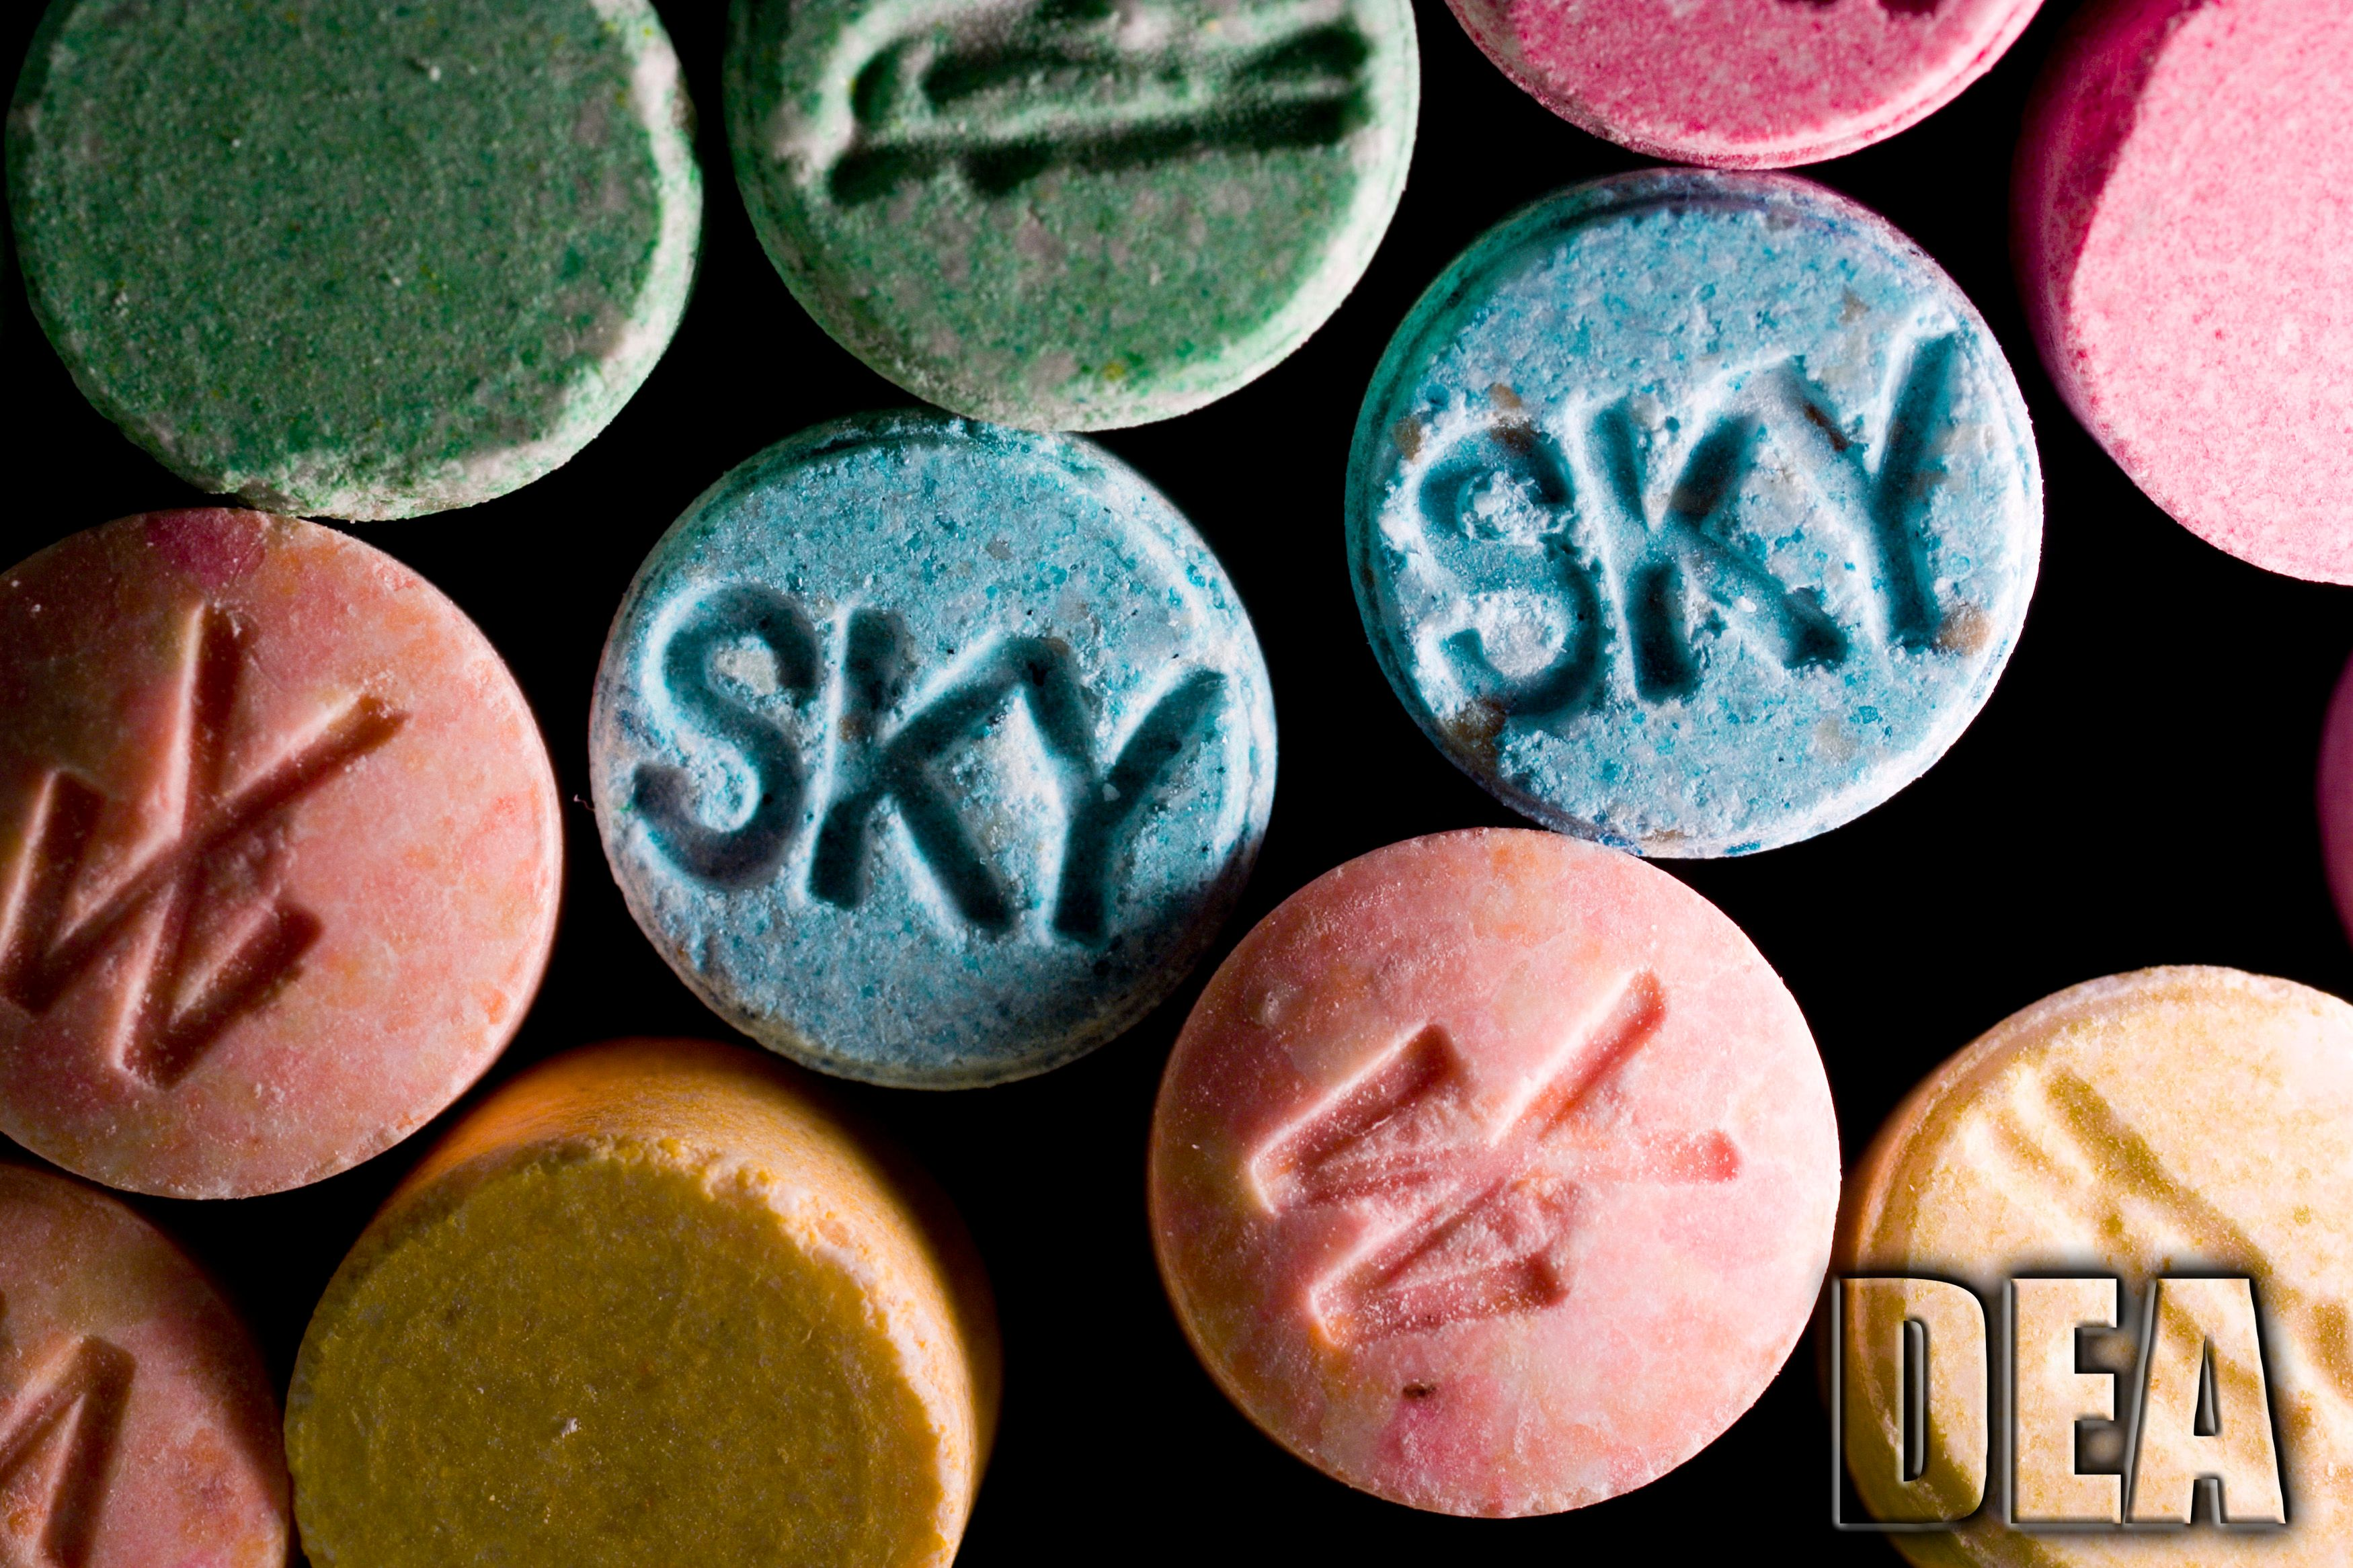 Drogues : cette nouvelle vague de consommation qui monte en Europe